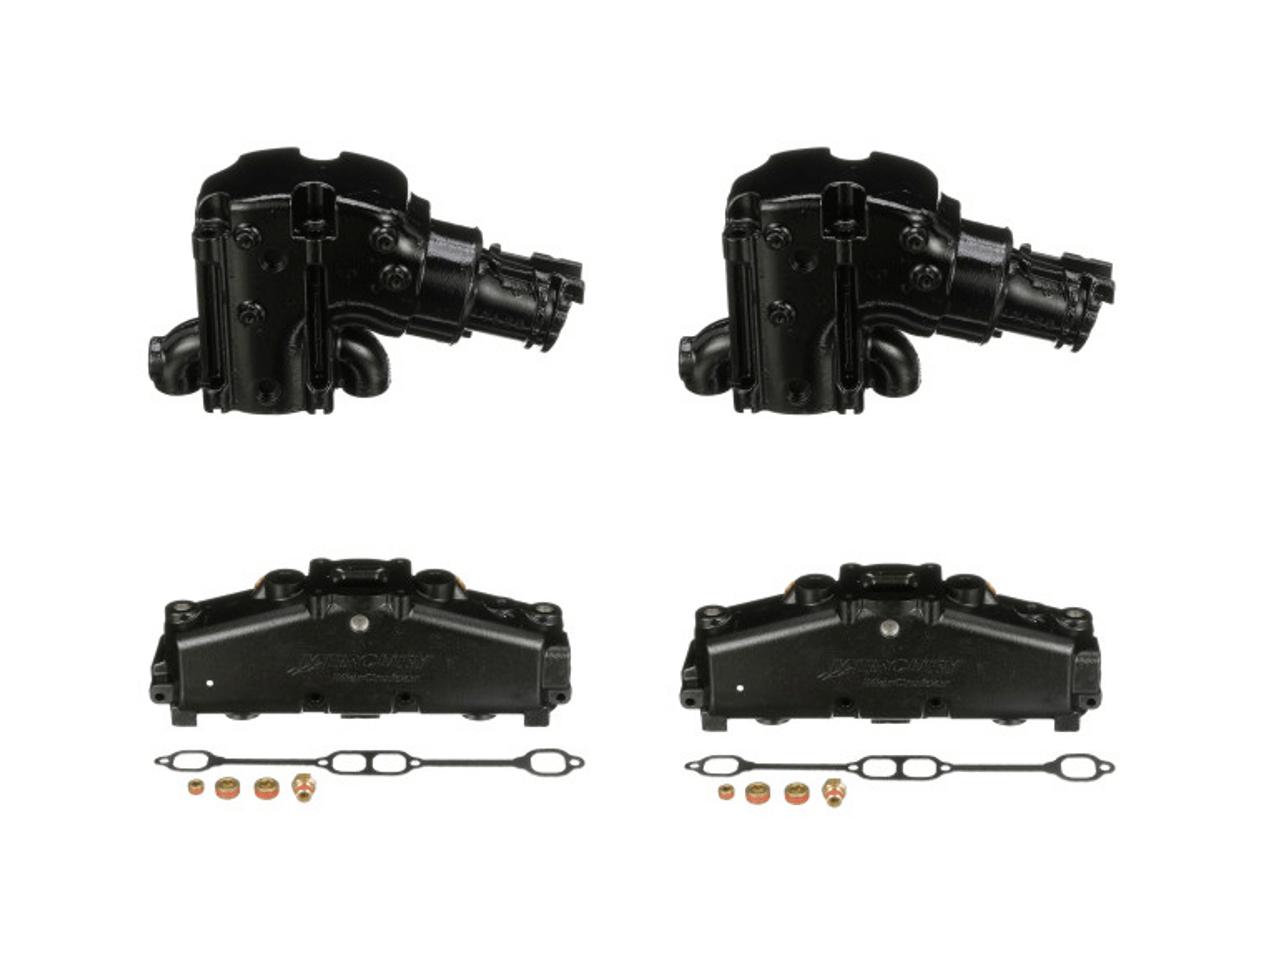 oem mercruiser 350 5 7 5 0 dry joint sb v8 exhaust manifold riser kit 14 degree